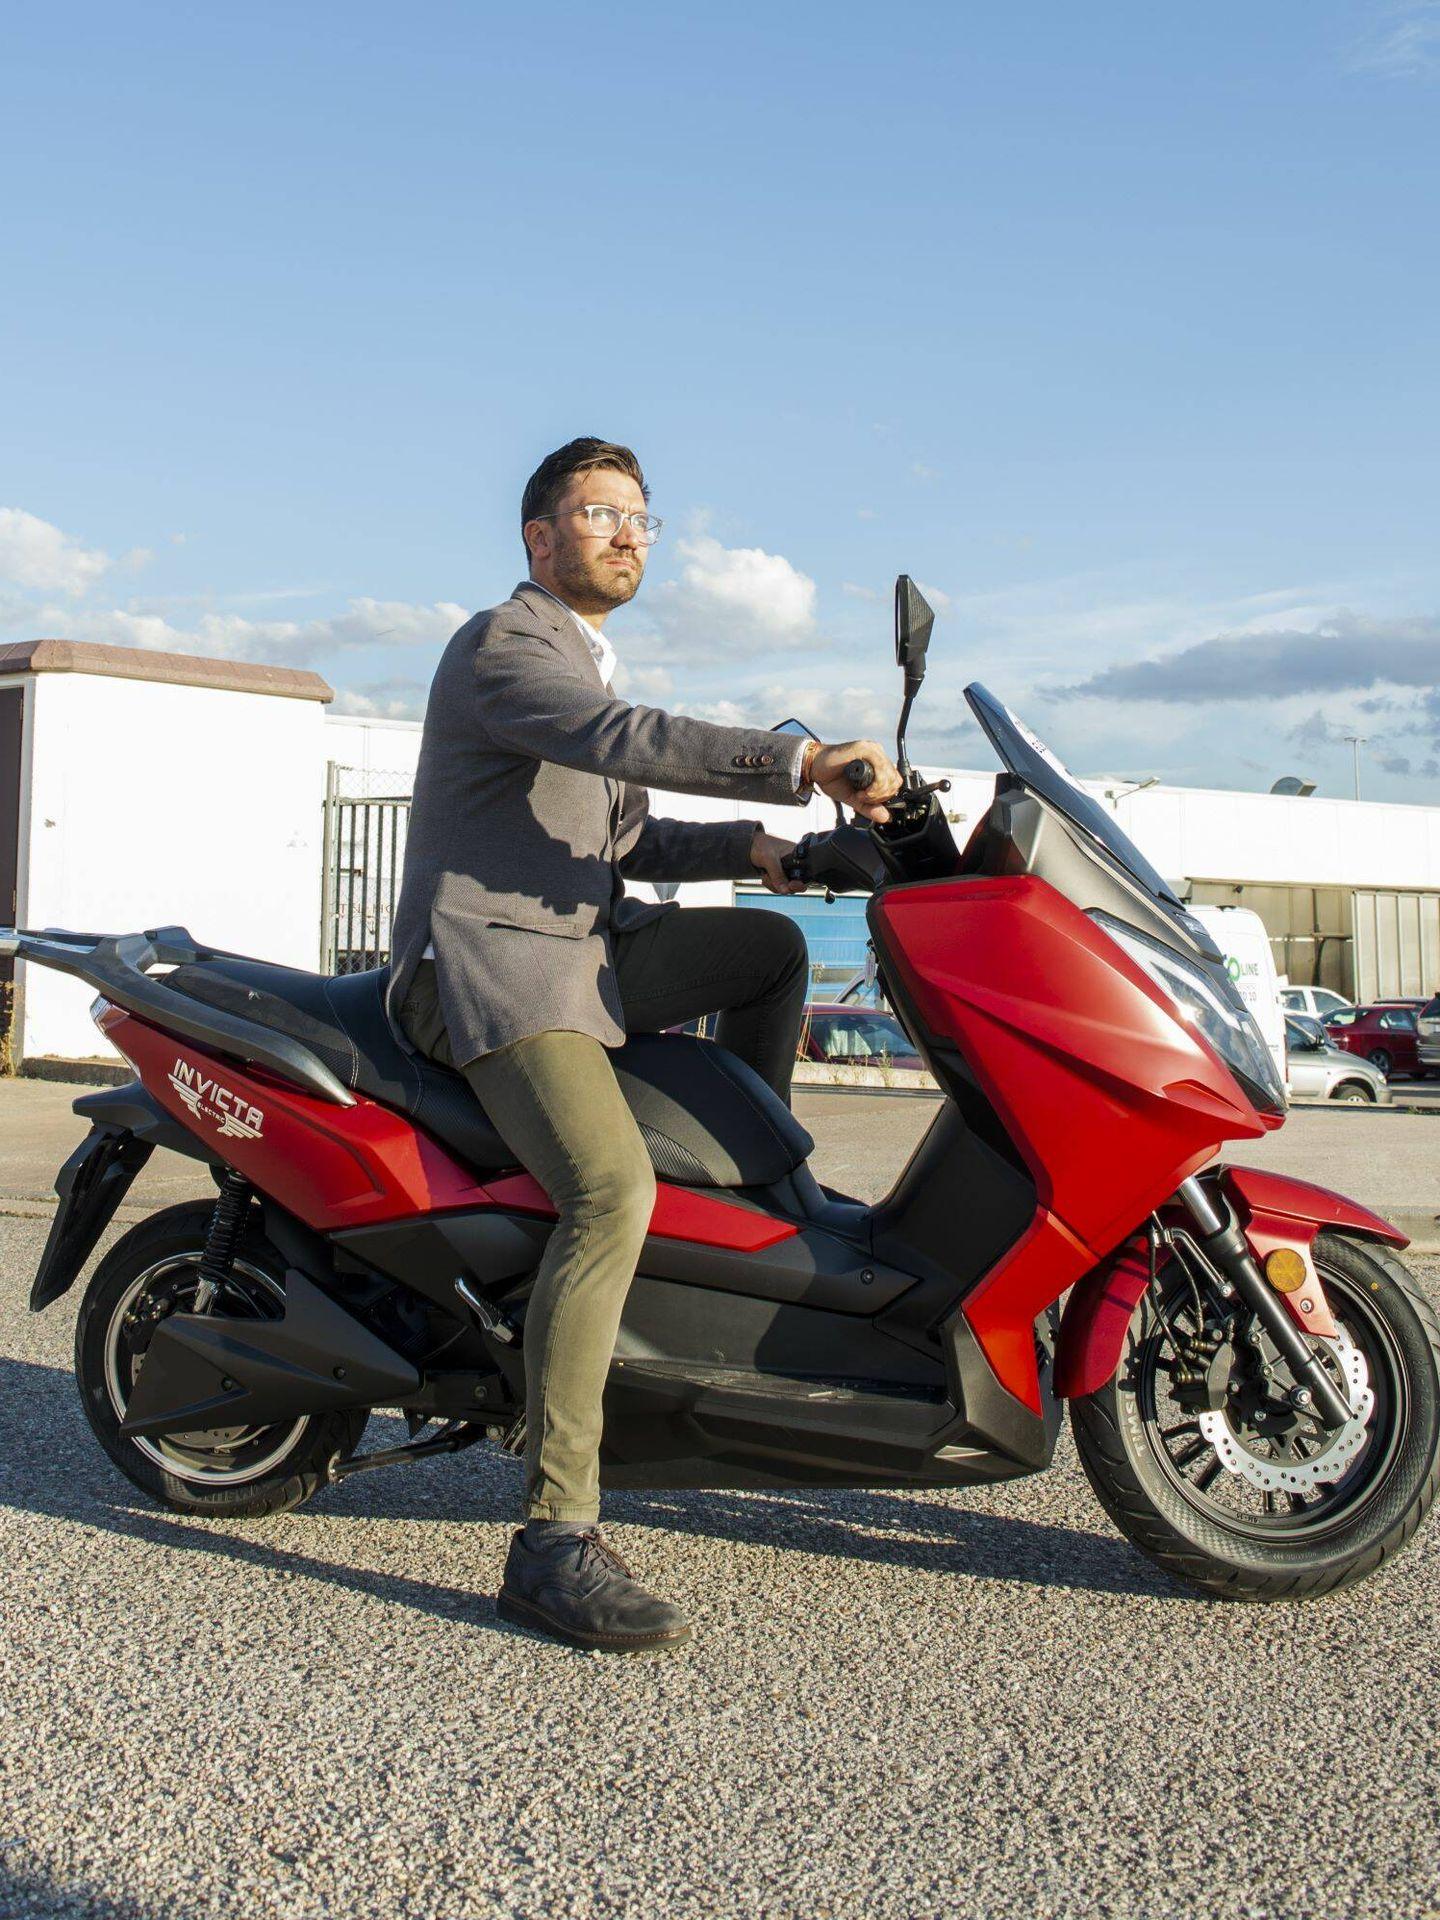 La T10 Neila tiene dos potencias y dos autonomías: la básica con 6 kW y 175 kilómetros de autonomía, y la más completa: 8 kW y 270 kilómetros.